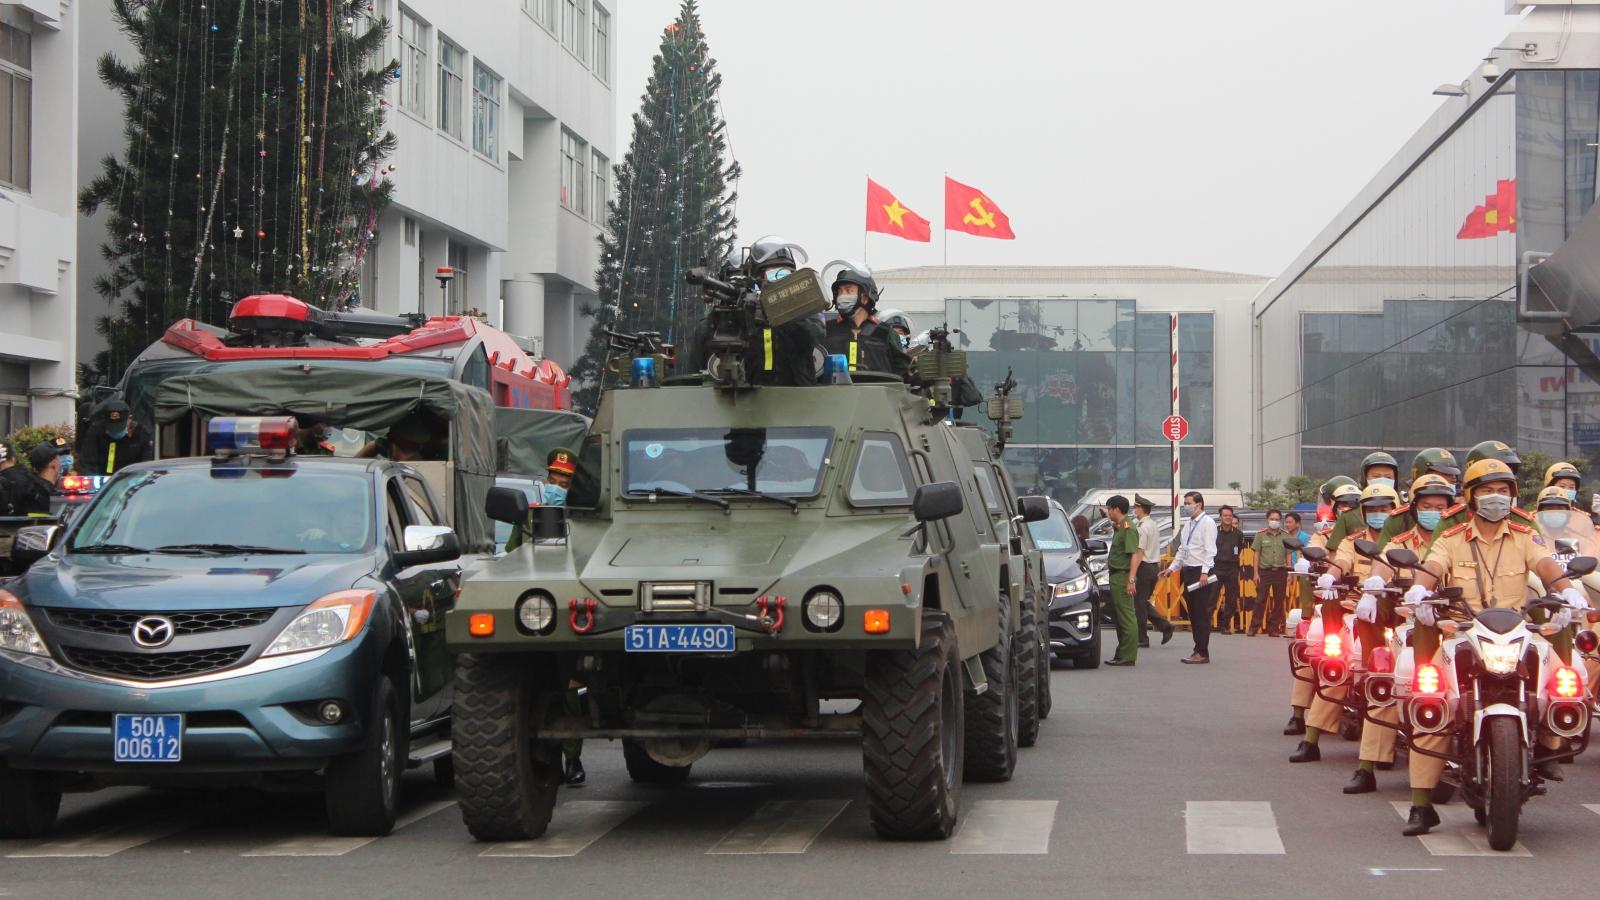 TP HCM bảo vệ tuyệt đối an ninh, an toàn Cảng hàng không trước và sau Đại hội Đảng